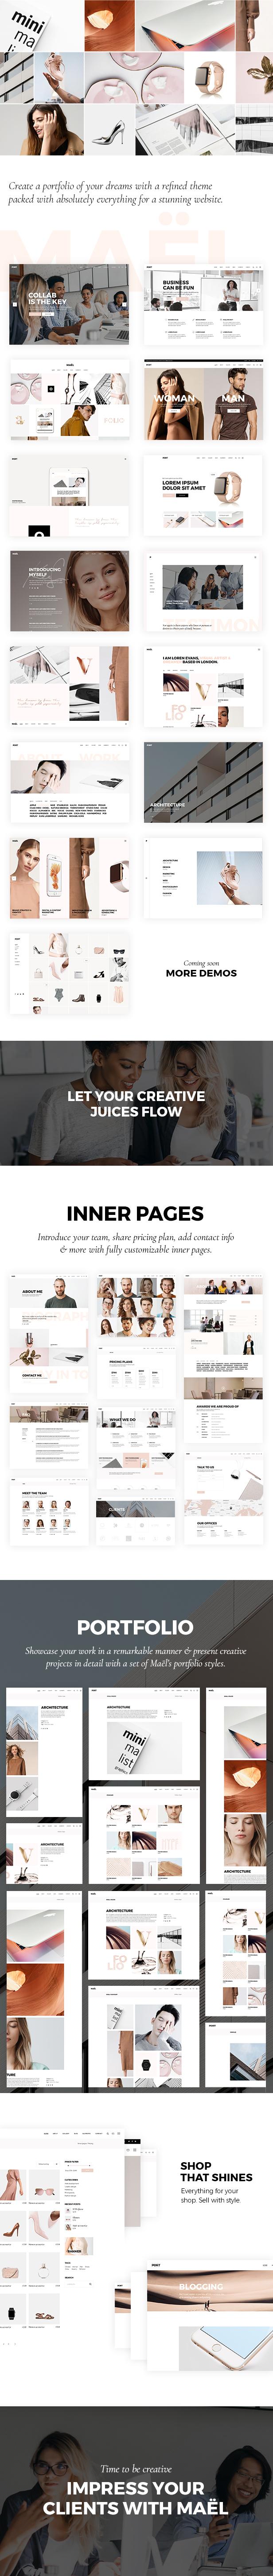 Maël - Modern Creative Agency Theme - 1